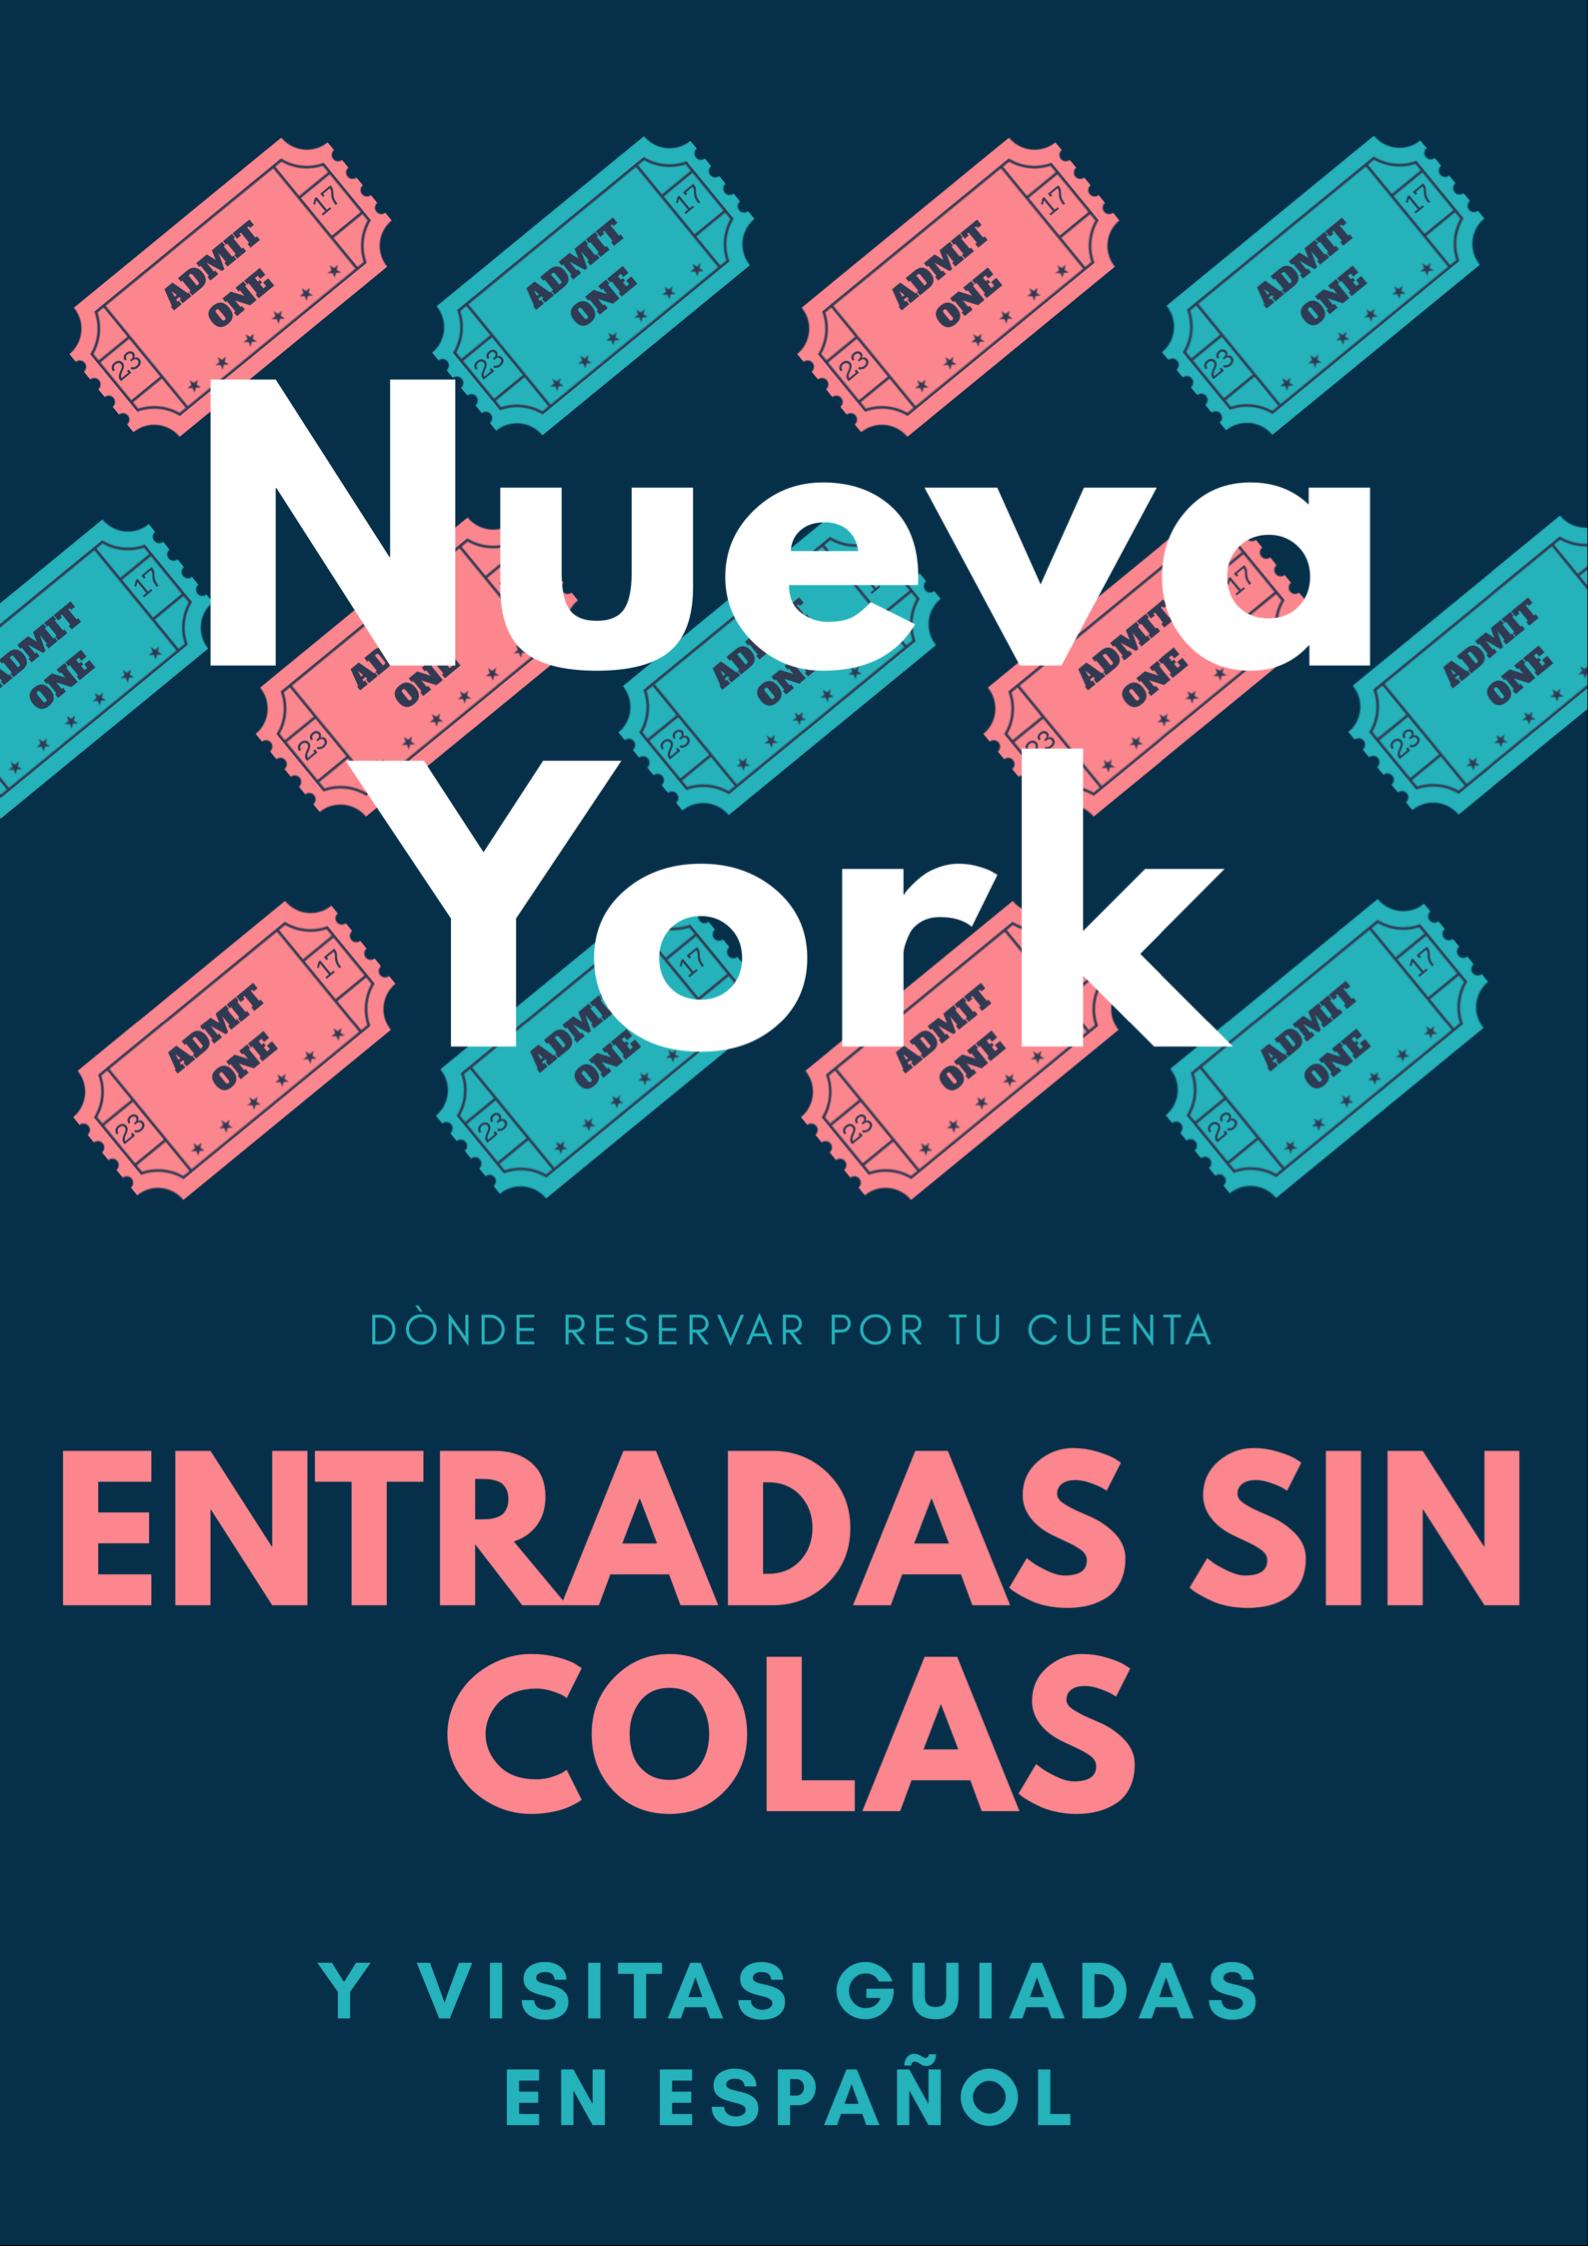 Donde Reservar Por Tu Cuenta Las Entradas Sin Colas O Una Excursion En Espanol Si El Ingles No Es Lo Tuy Nueva York Viajar A Estados Unidos Viajes Y Turismo